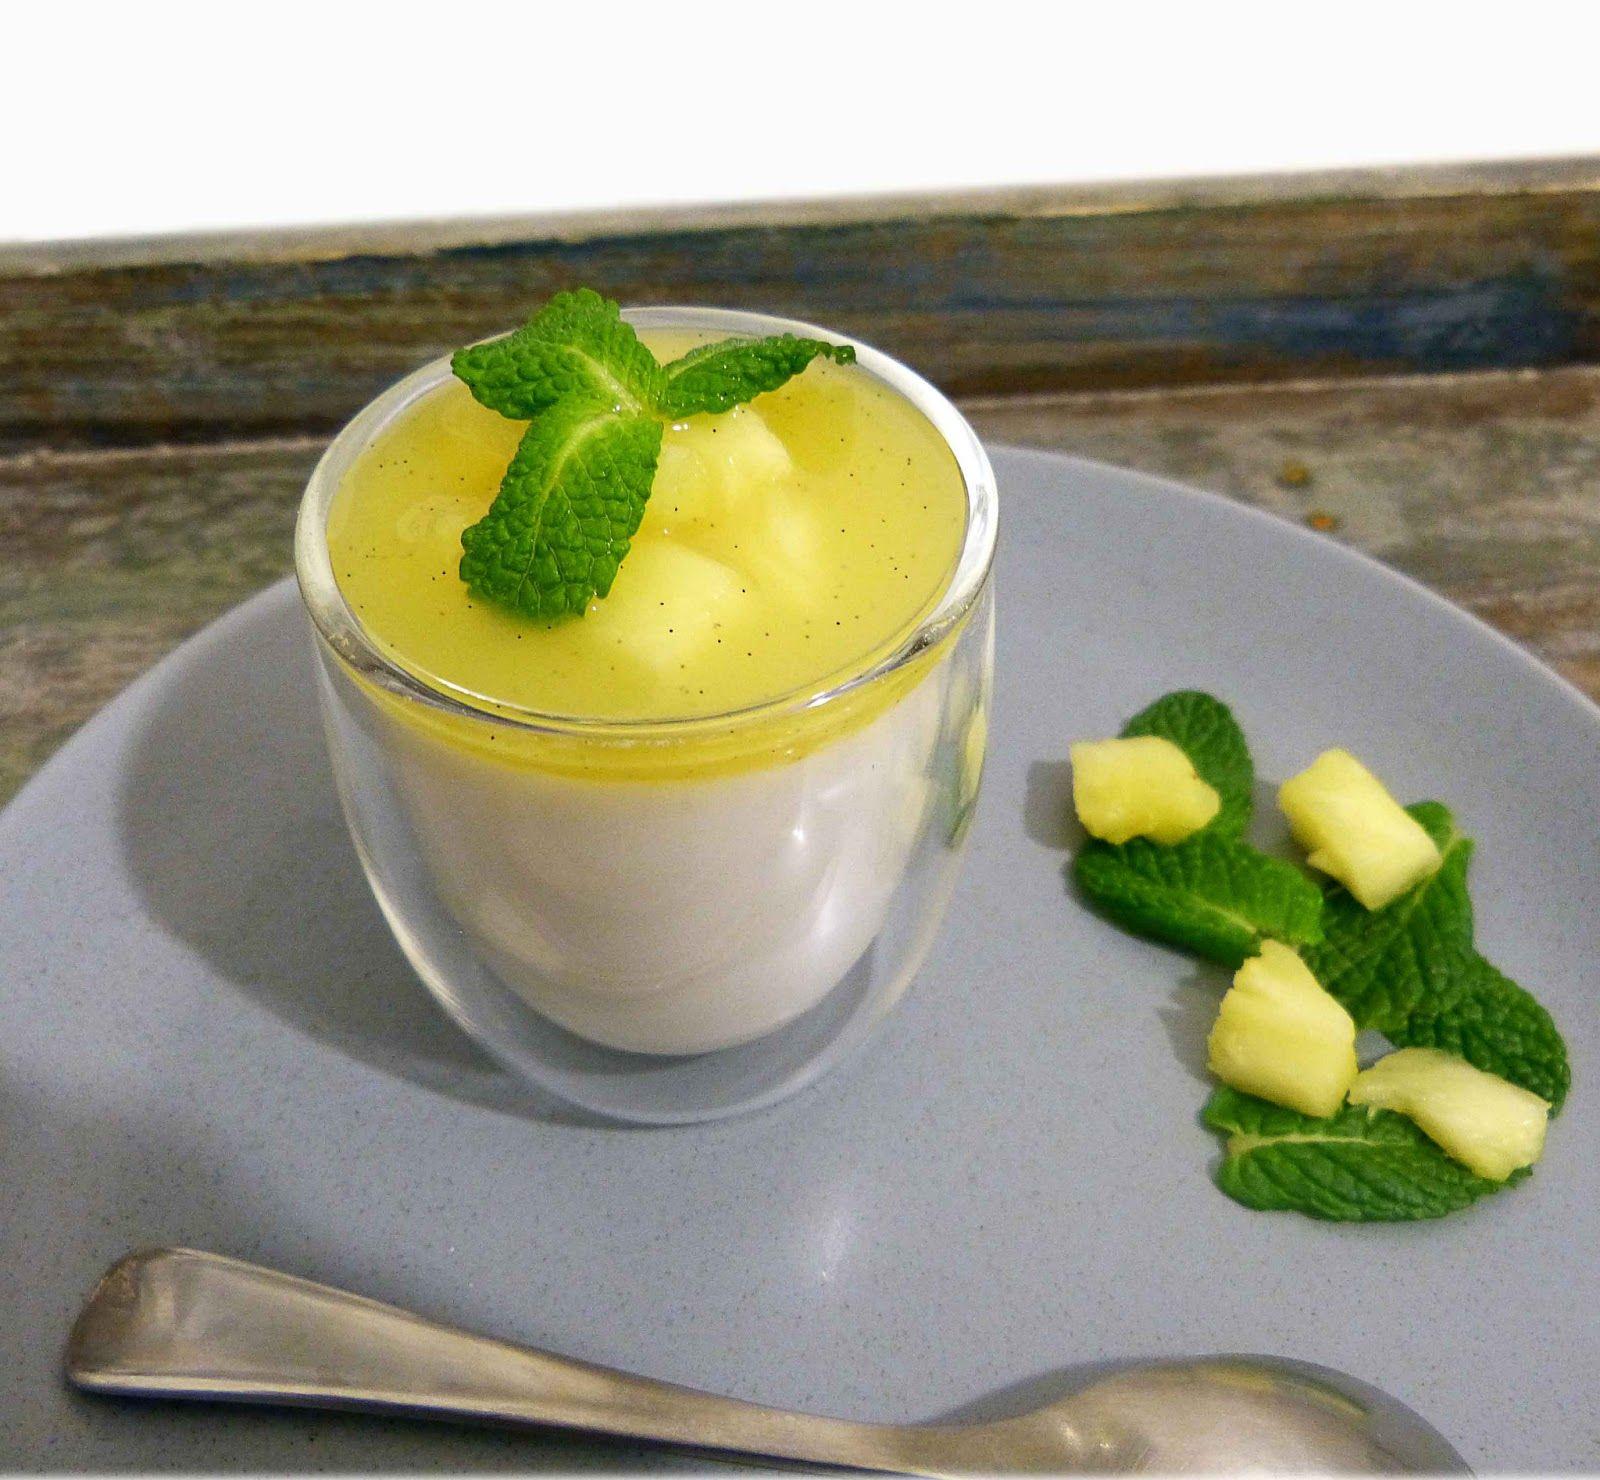 Qu'est-ce-qu'on mange demain?: Panna cotta au lait de coco et coulis d'ananas